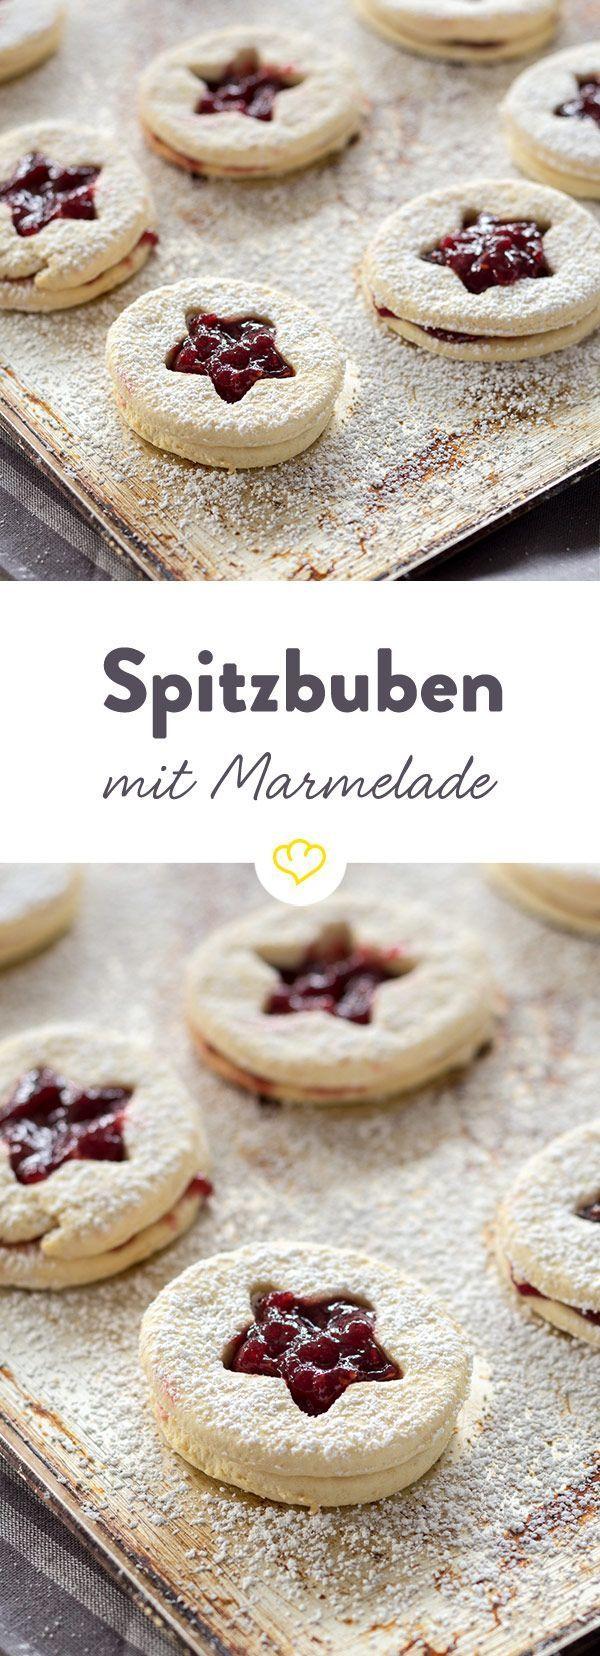 Spitzbuben-Plätzchen mit Marmelade: süße Backlieblinge